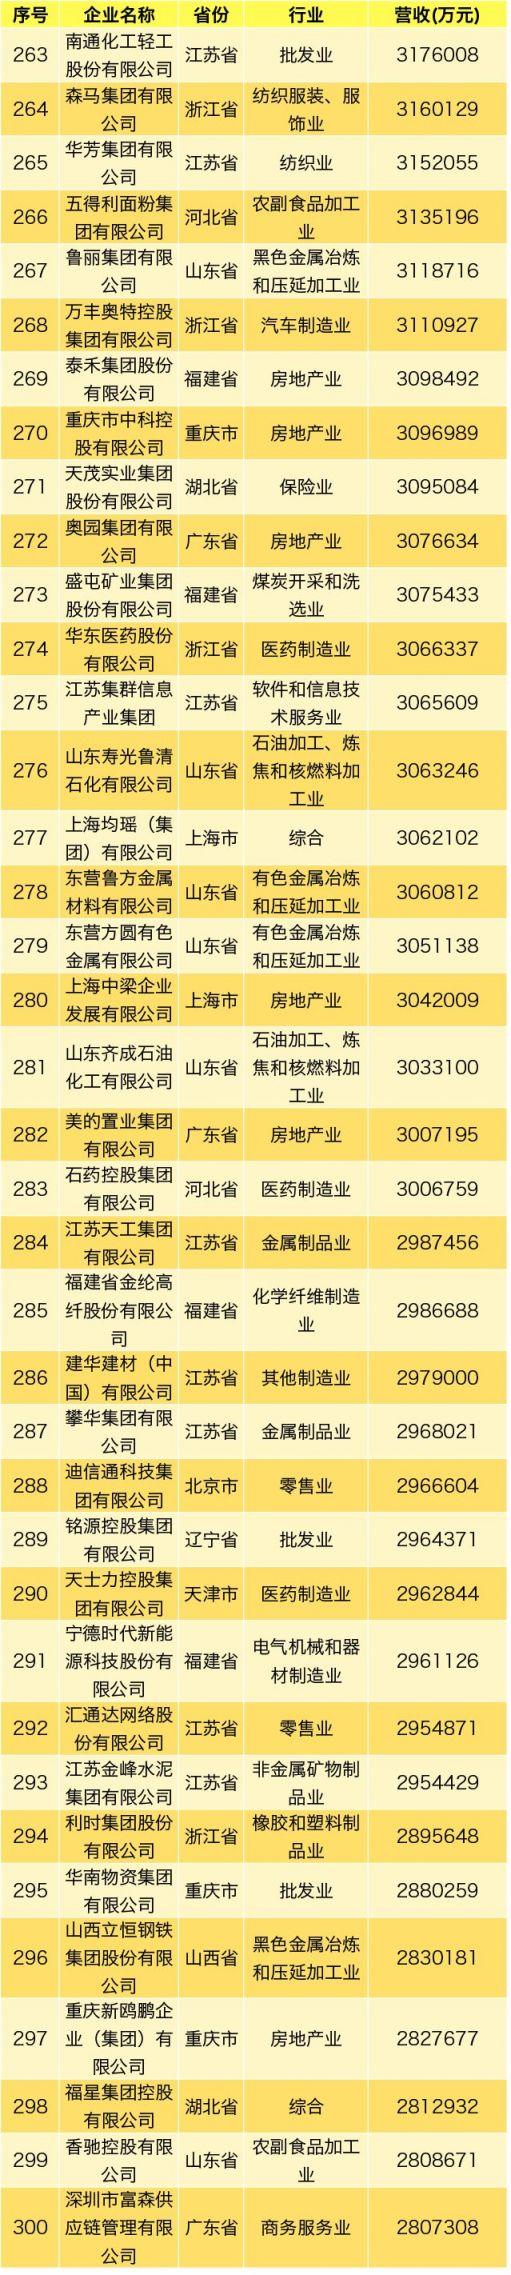 2019中国民营企业500强名单